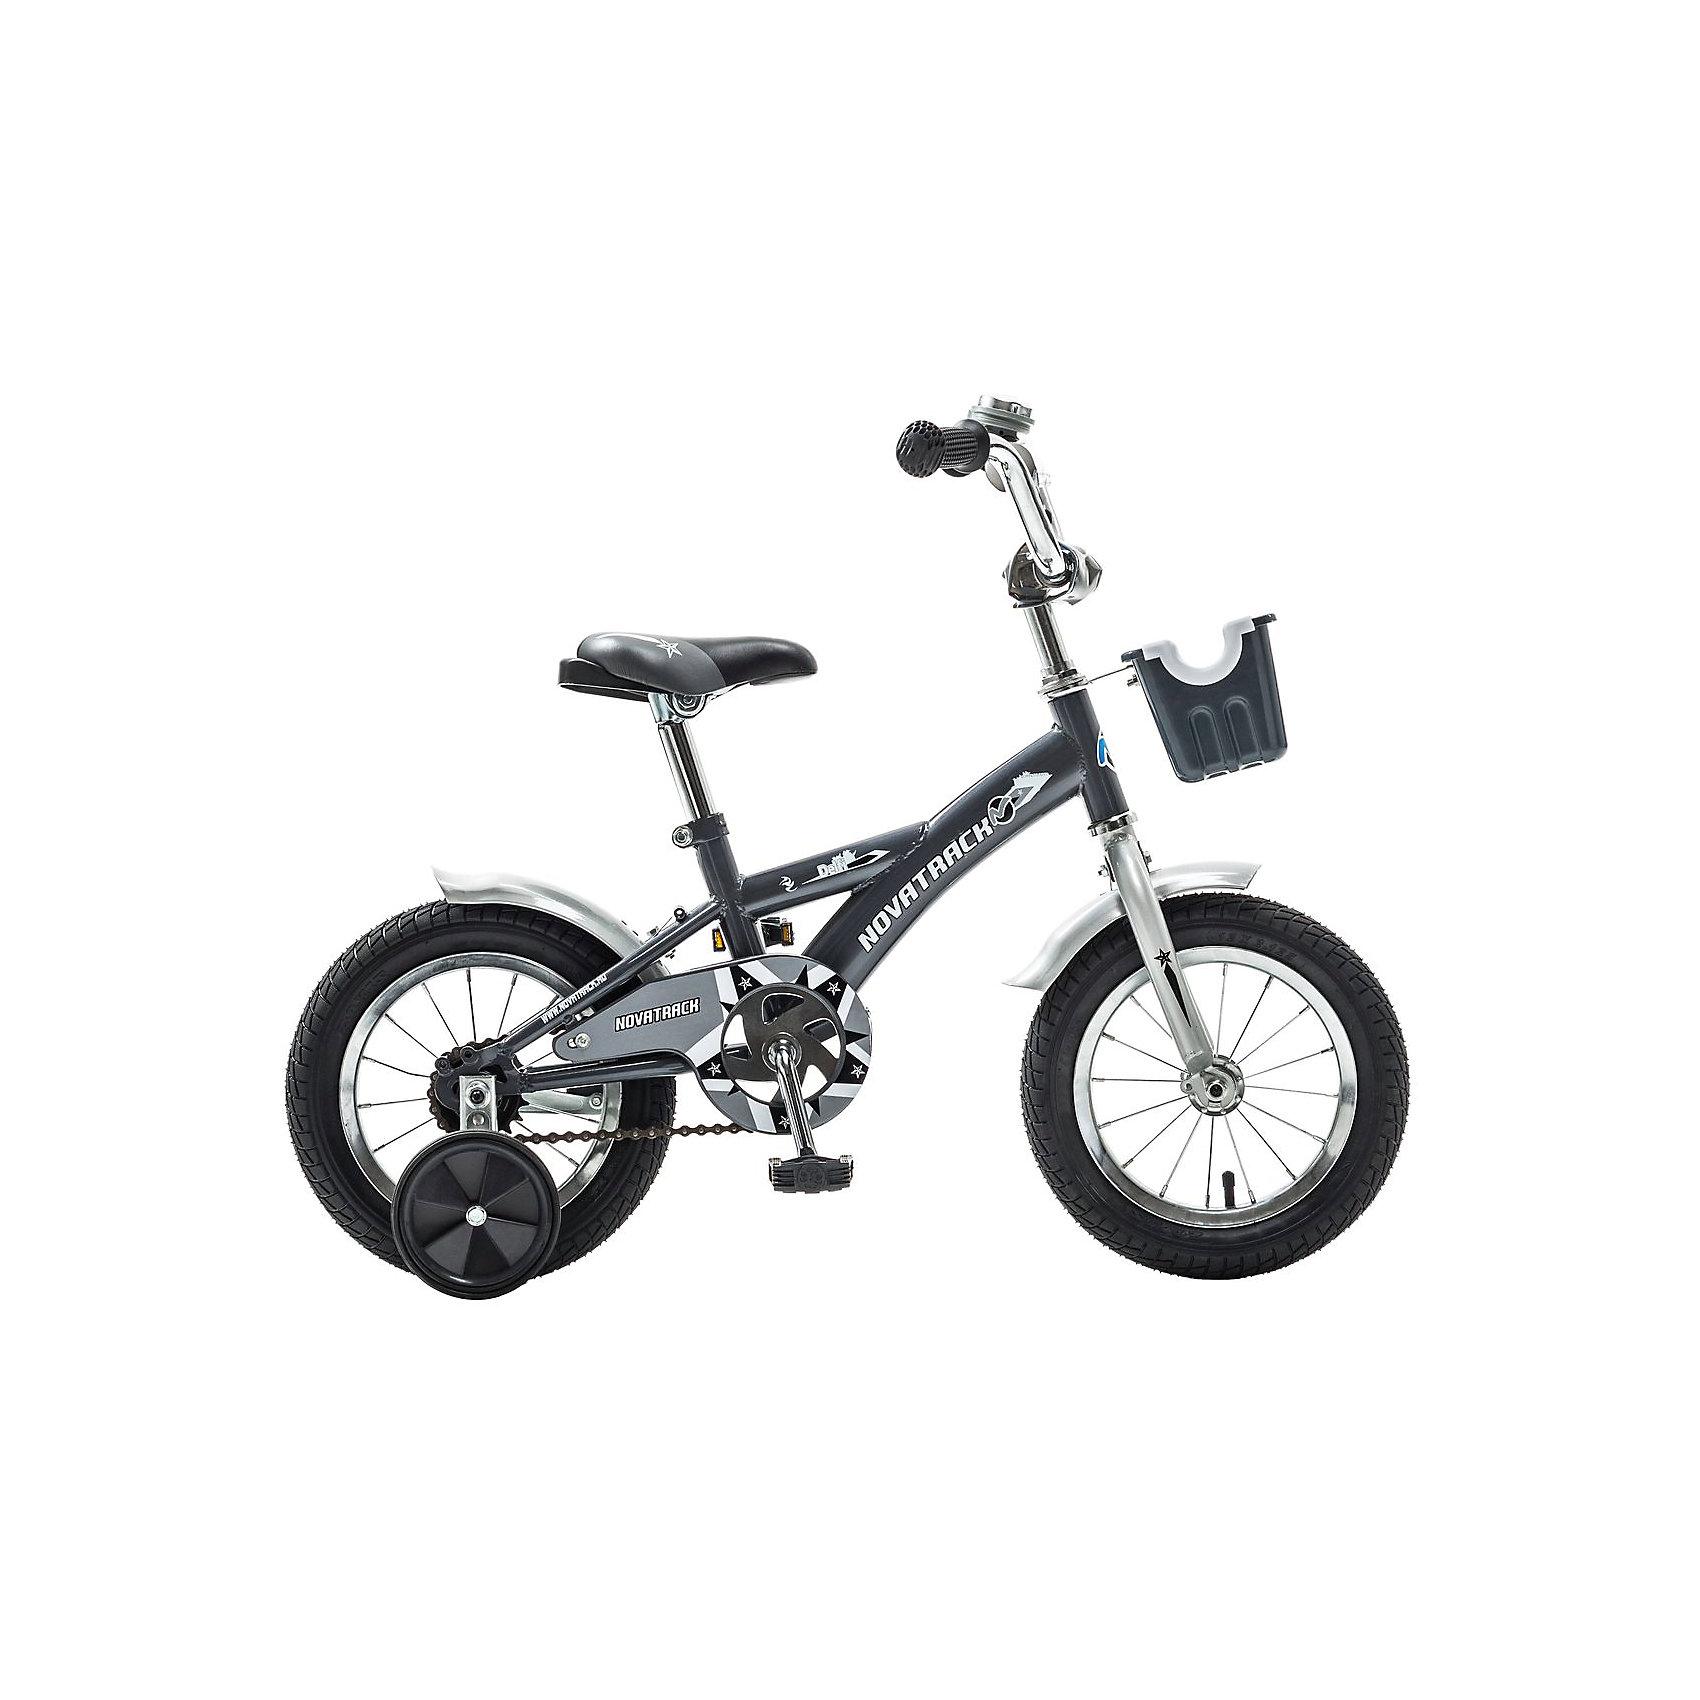 Велосипед Delfi, серо-серебяный, 12 дюймов, NovatrackВелосипеды детские<br>Велосипед Novatrack Delfi c 12-дюймовыми колесами – это надежный велосипед для ребят от 2 до 4 лет. Привлекательный дизайн, надежная сборка, легкость и отличная управляемость – это еще не все плюсы данной модели. Велосипед Delfi снабжен ограничителем поворота руля, который не позволит ребенку слишком сильно вывернуть переднее колесо велосипеда, и тем самым предотвратит падения. Цепь закрыта декоративной накладкой, которая защитит одежду и ноги ребенка от попадания в механизм. Данная модель специально разработана для легкого обучения езде на велосипеде. Низкая рама позволит ребенку быстро взбираться и слезать с велосипеда. Колеса закрыты крыльями, которые защитят ребенка от брызг, а на руле располагается вместительная корзинка для перевозки самых необходимых в дороге предметов.<br><br>Ширина мм: 810<br>Глубина мм: 185<br>Высота мм: 410<br>Вес г: 9500<br>Возраст от месяцев: 36<br>Возраст до месяцев: 60<br>Пол: Унисекс<br>Возраст: Детский<br>SKU: 5613200